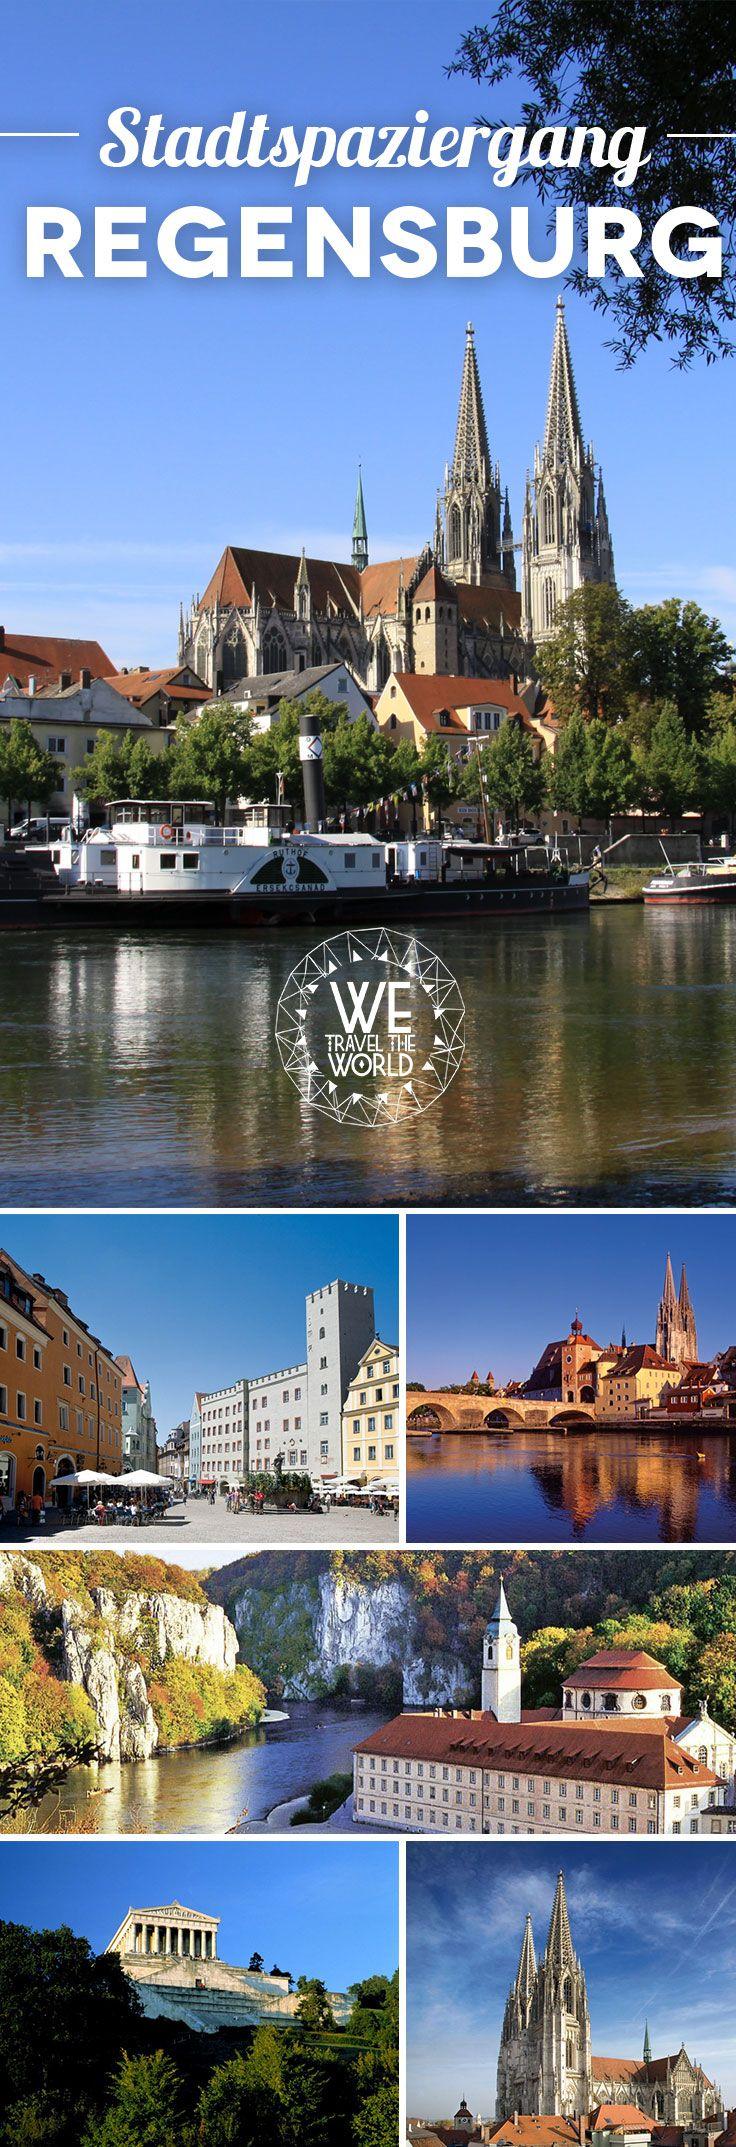 Entdecke alle Regensburg Sehenswürdigkeiten auf einem Stadtspaziergang!